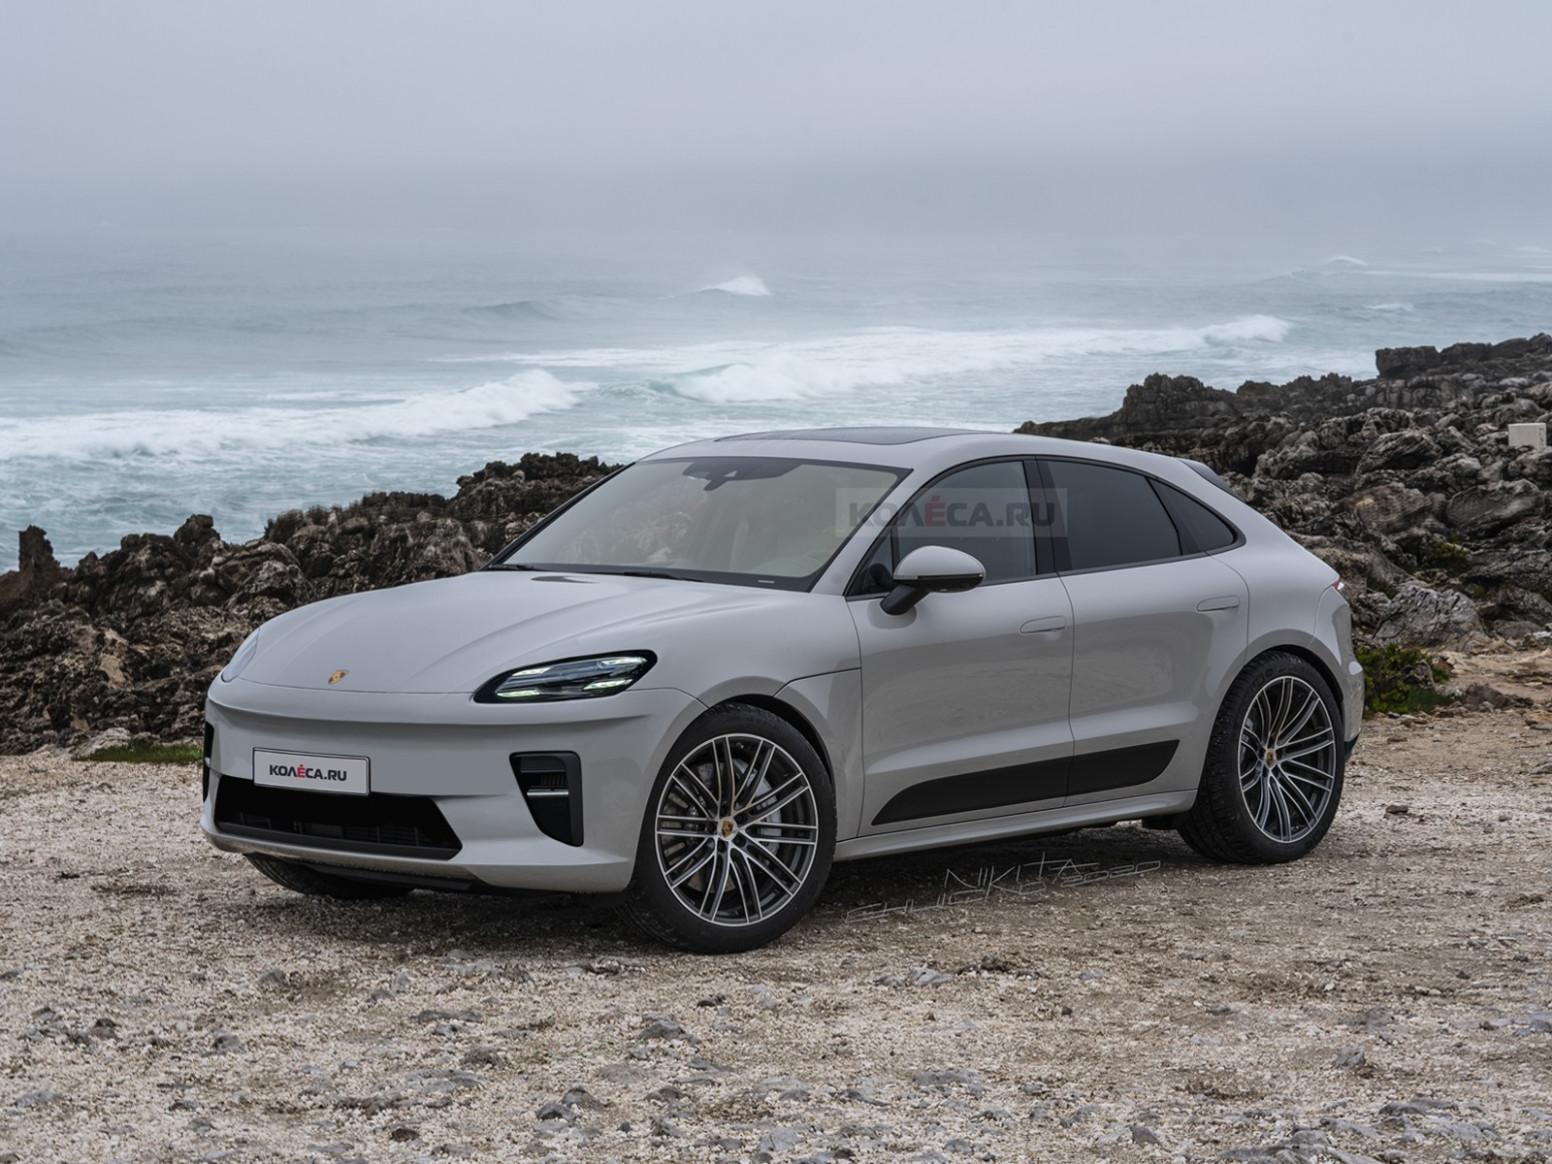 Rumors 2022 Porsche Macan